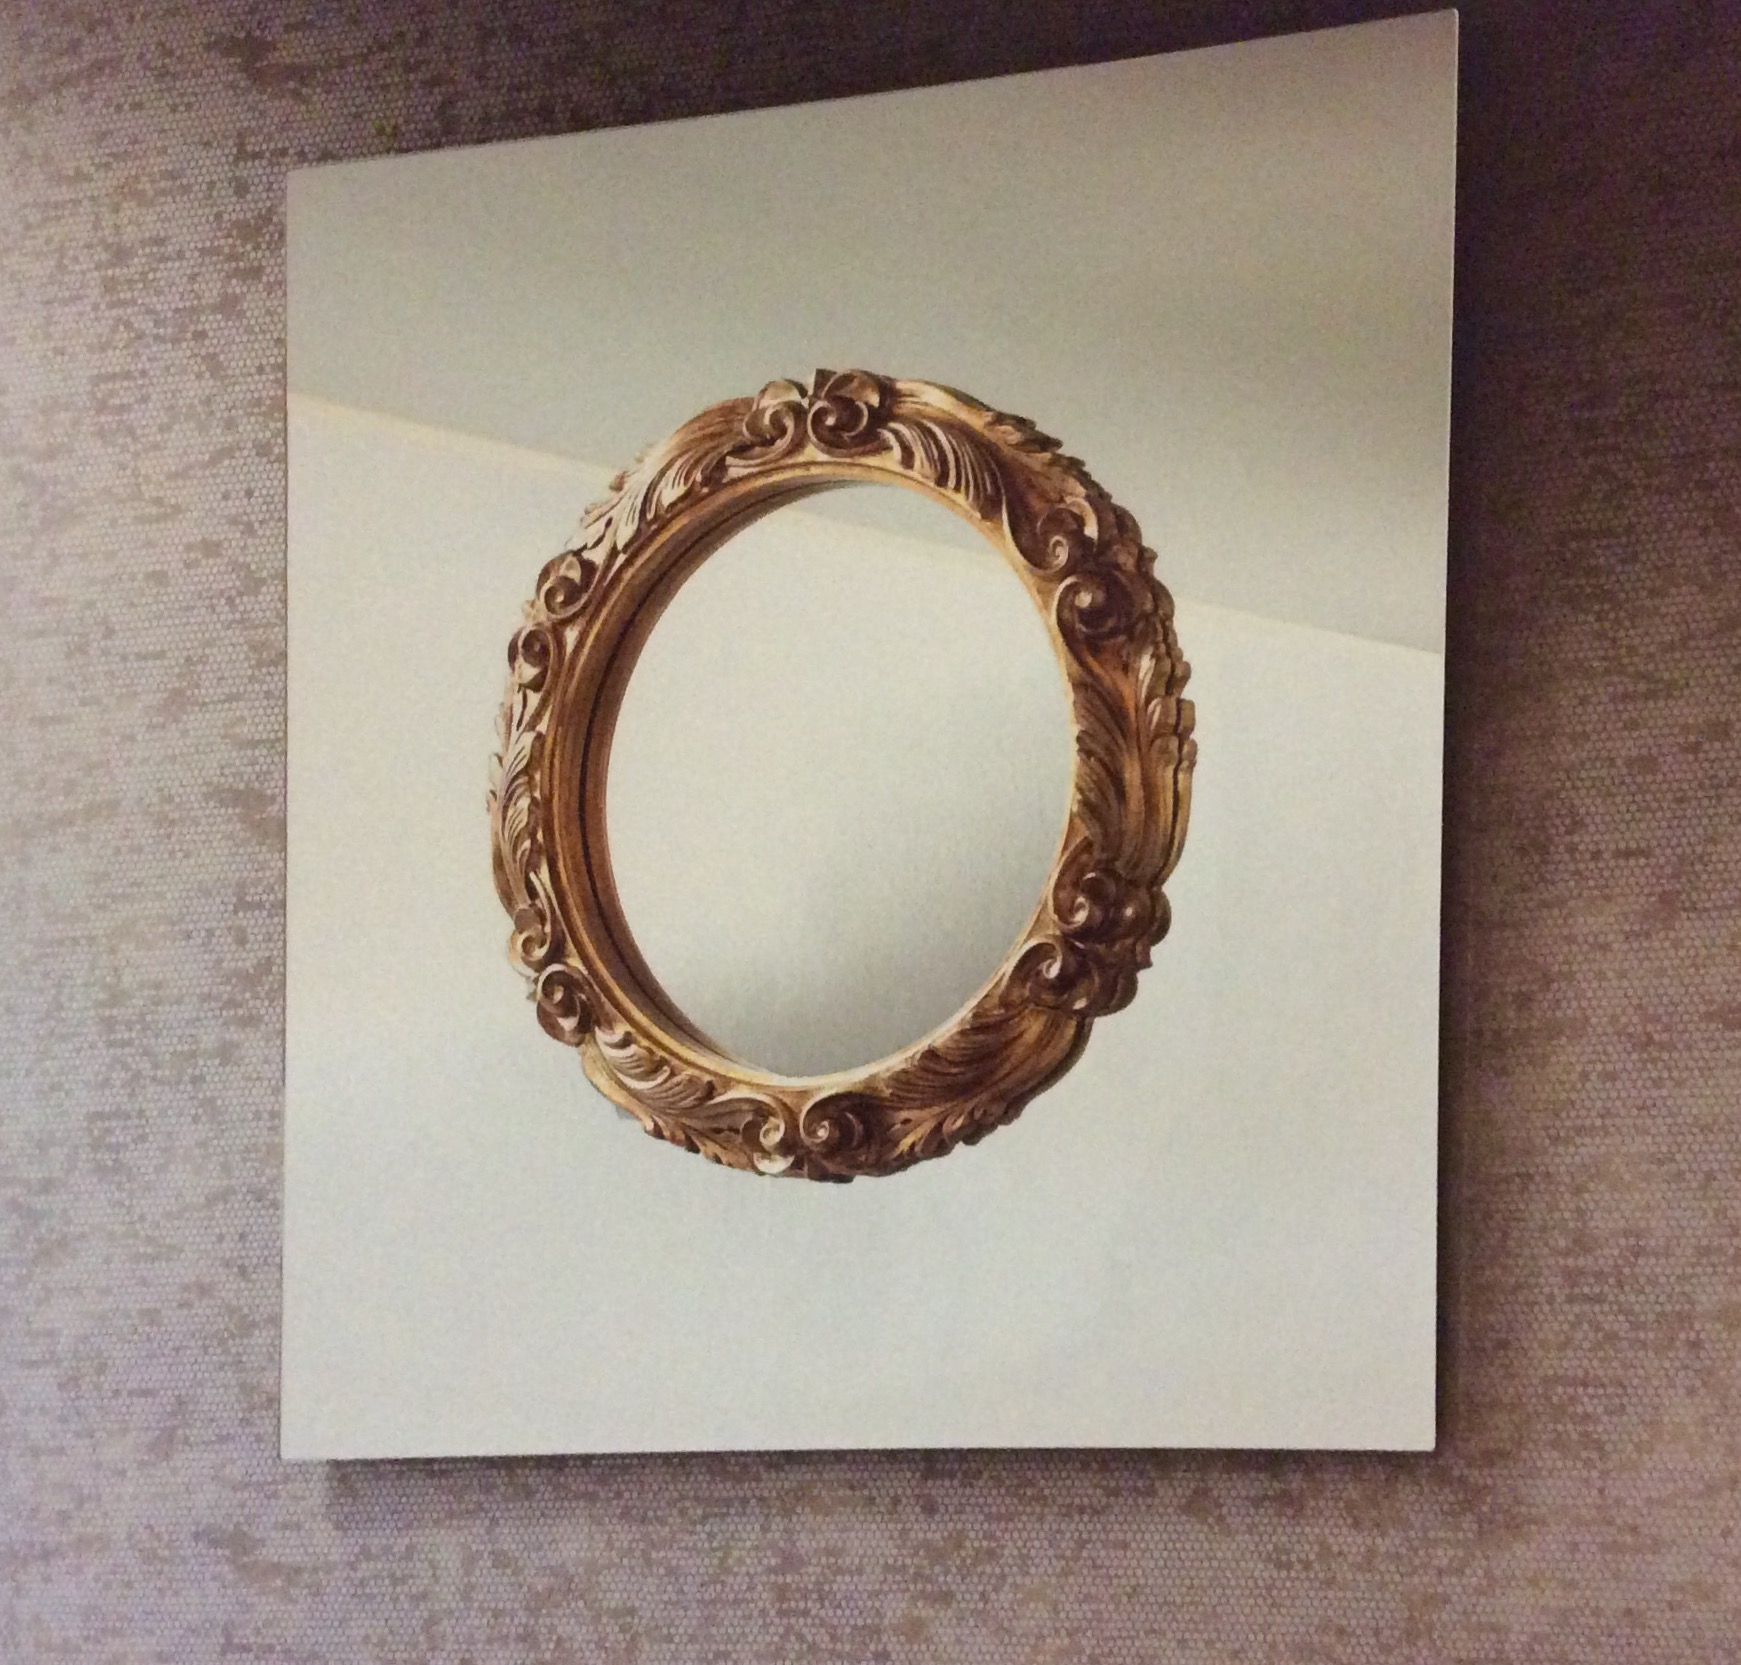 Complemento fiam italia ritratto design vetro specchi - Specchio cornice nera barocca ...